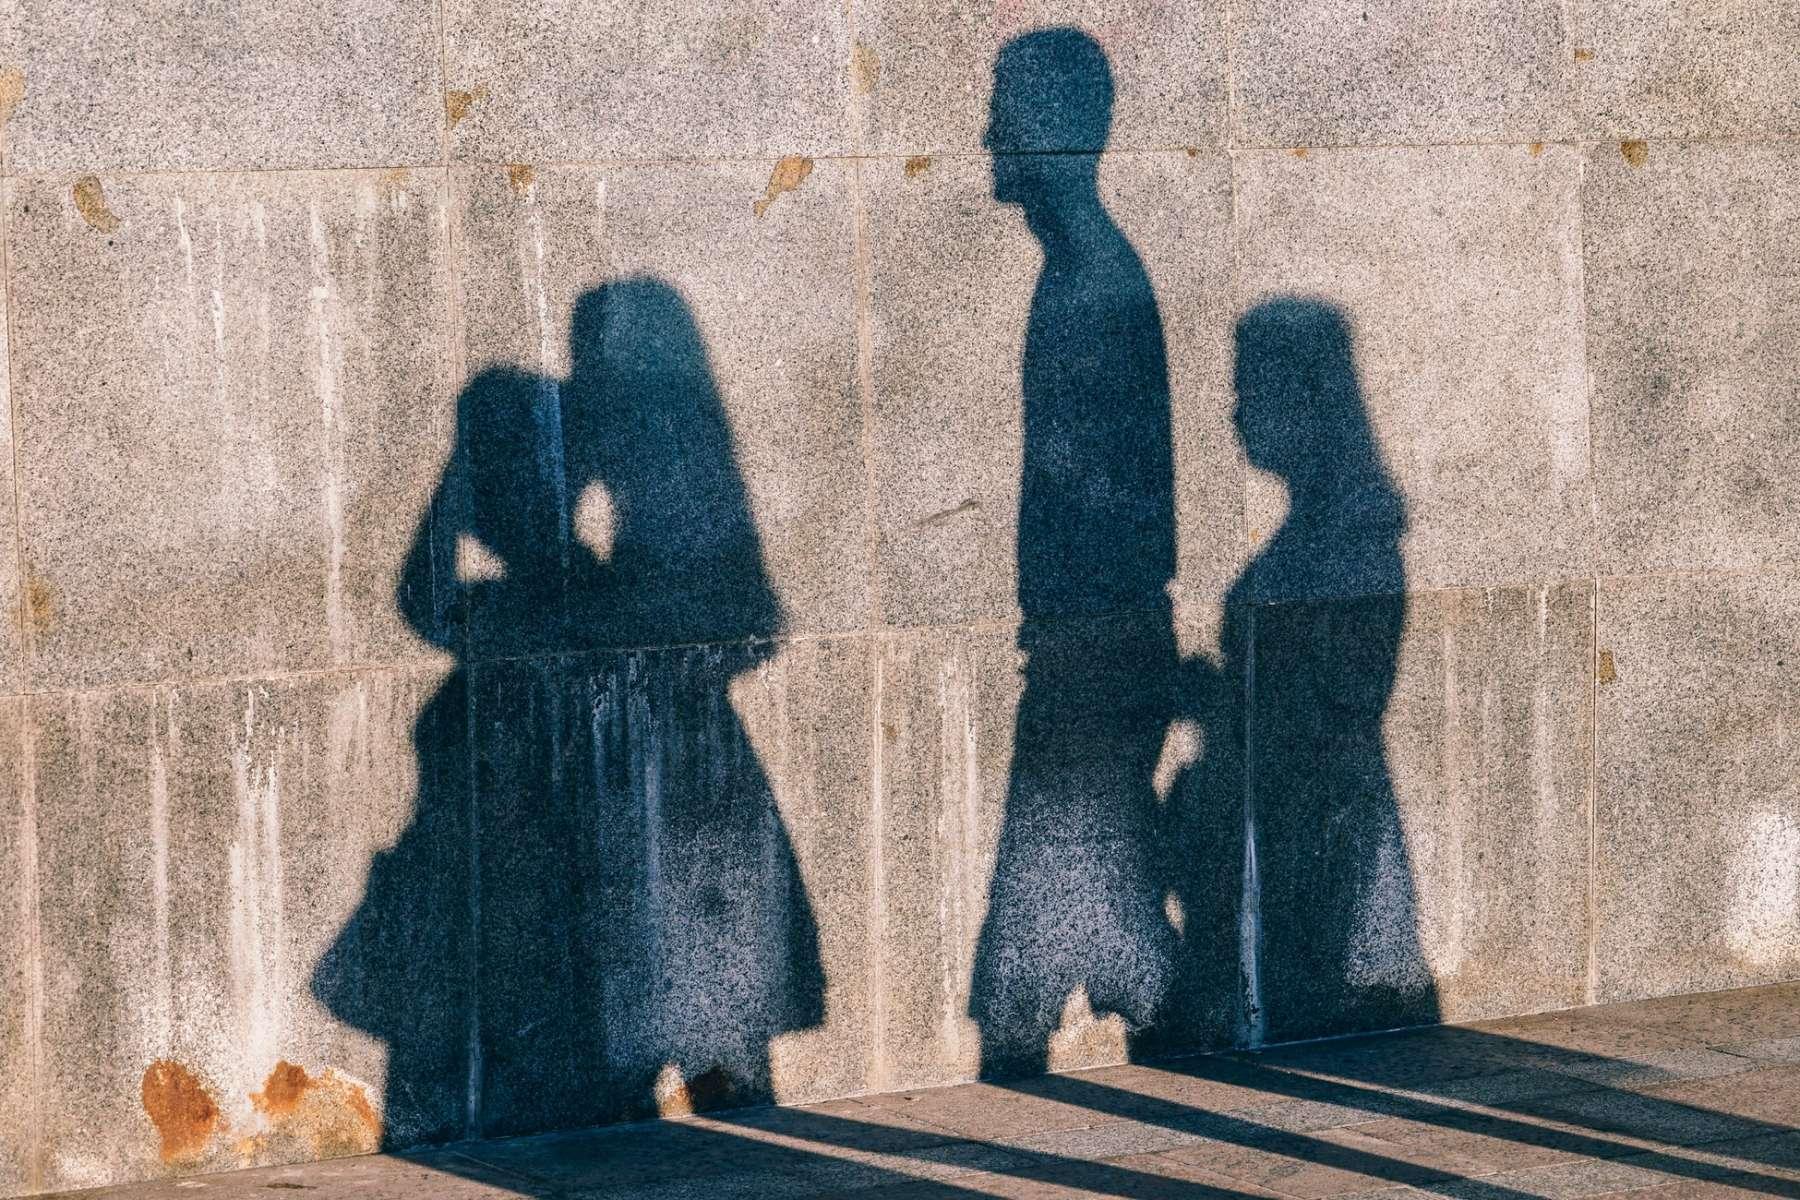 Unités familiales au 127 bis – Une mesure équilibrée qui garantit le respect de la loi